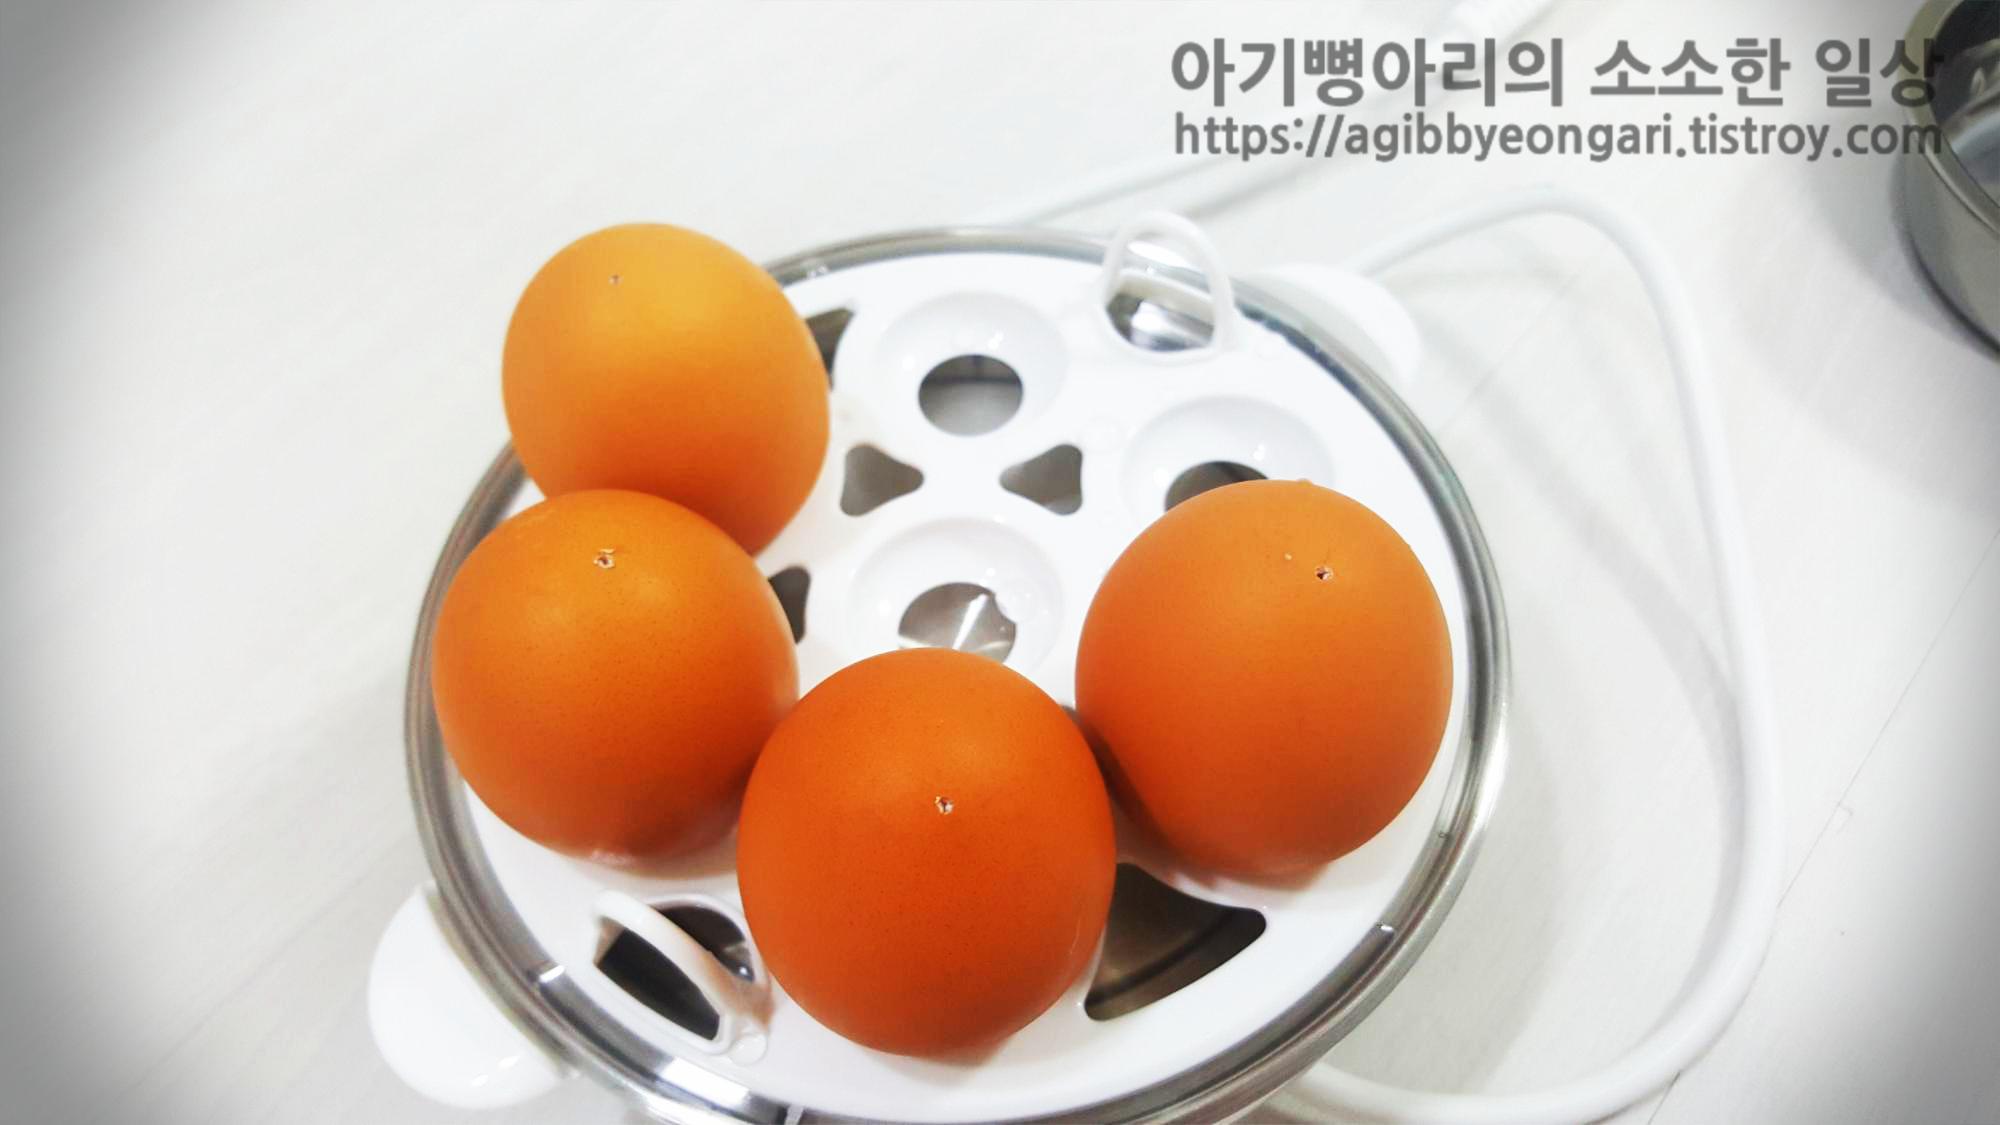 구멍난달걀